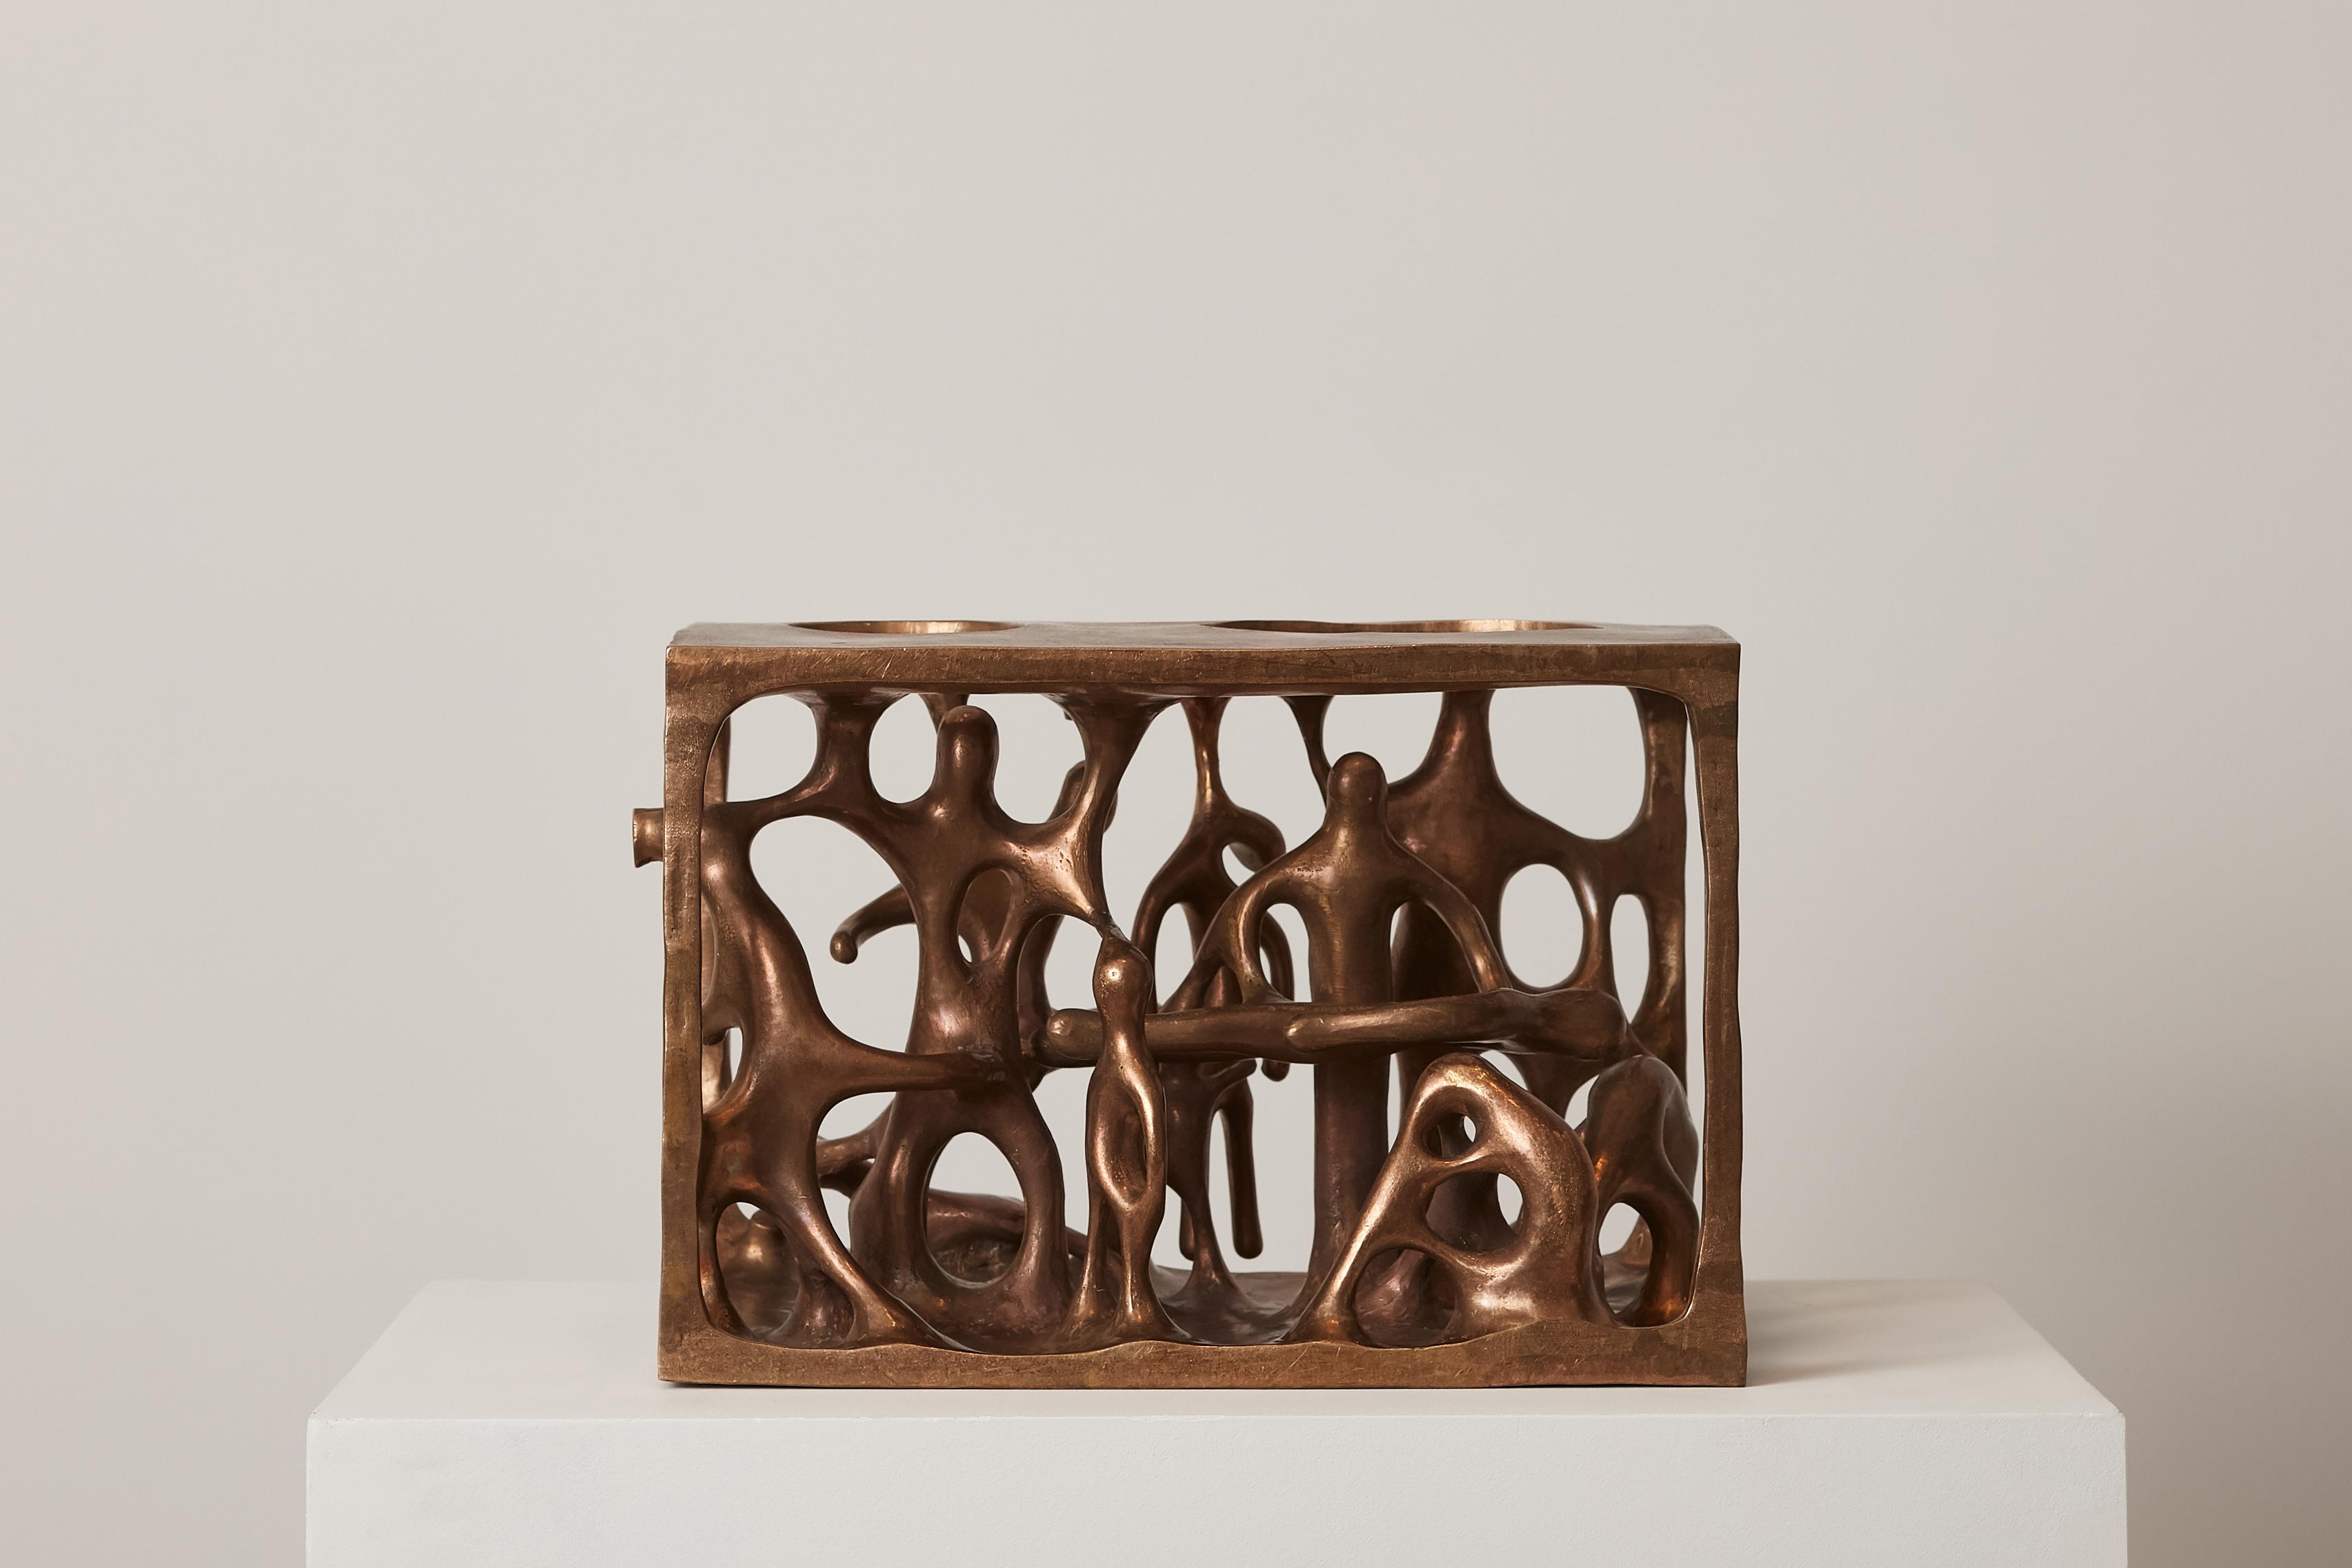 Atelier van Lieshout - Model The Burghers © Carpenters Workshop Gallery